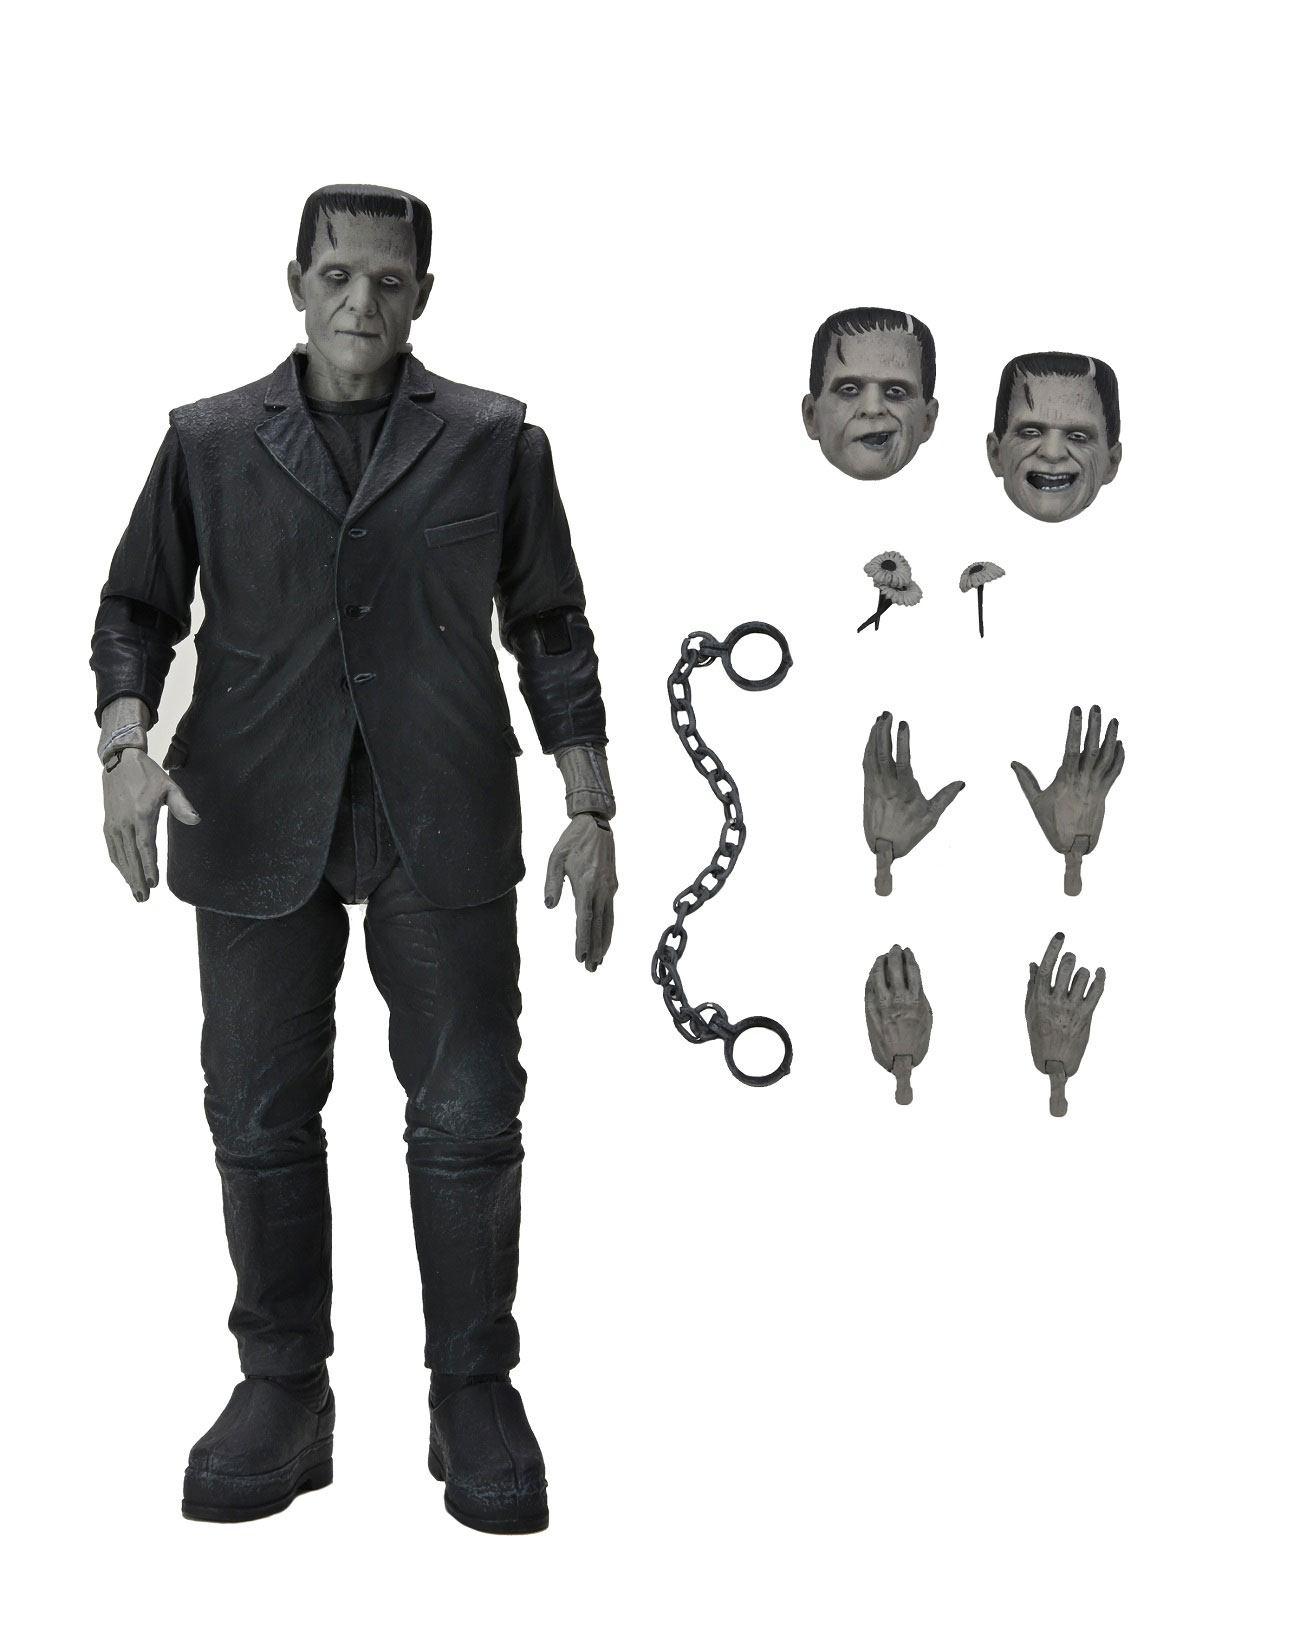 Universal Monsters Actionfigur Ultimate Frankenstein's Monster (Black & White) 18 cm NECA04805 634482048054